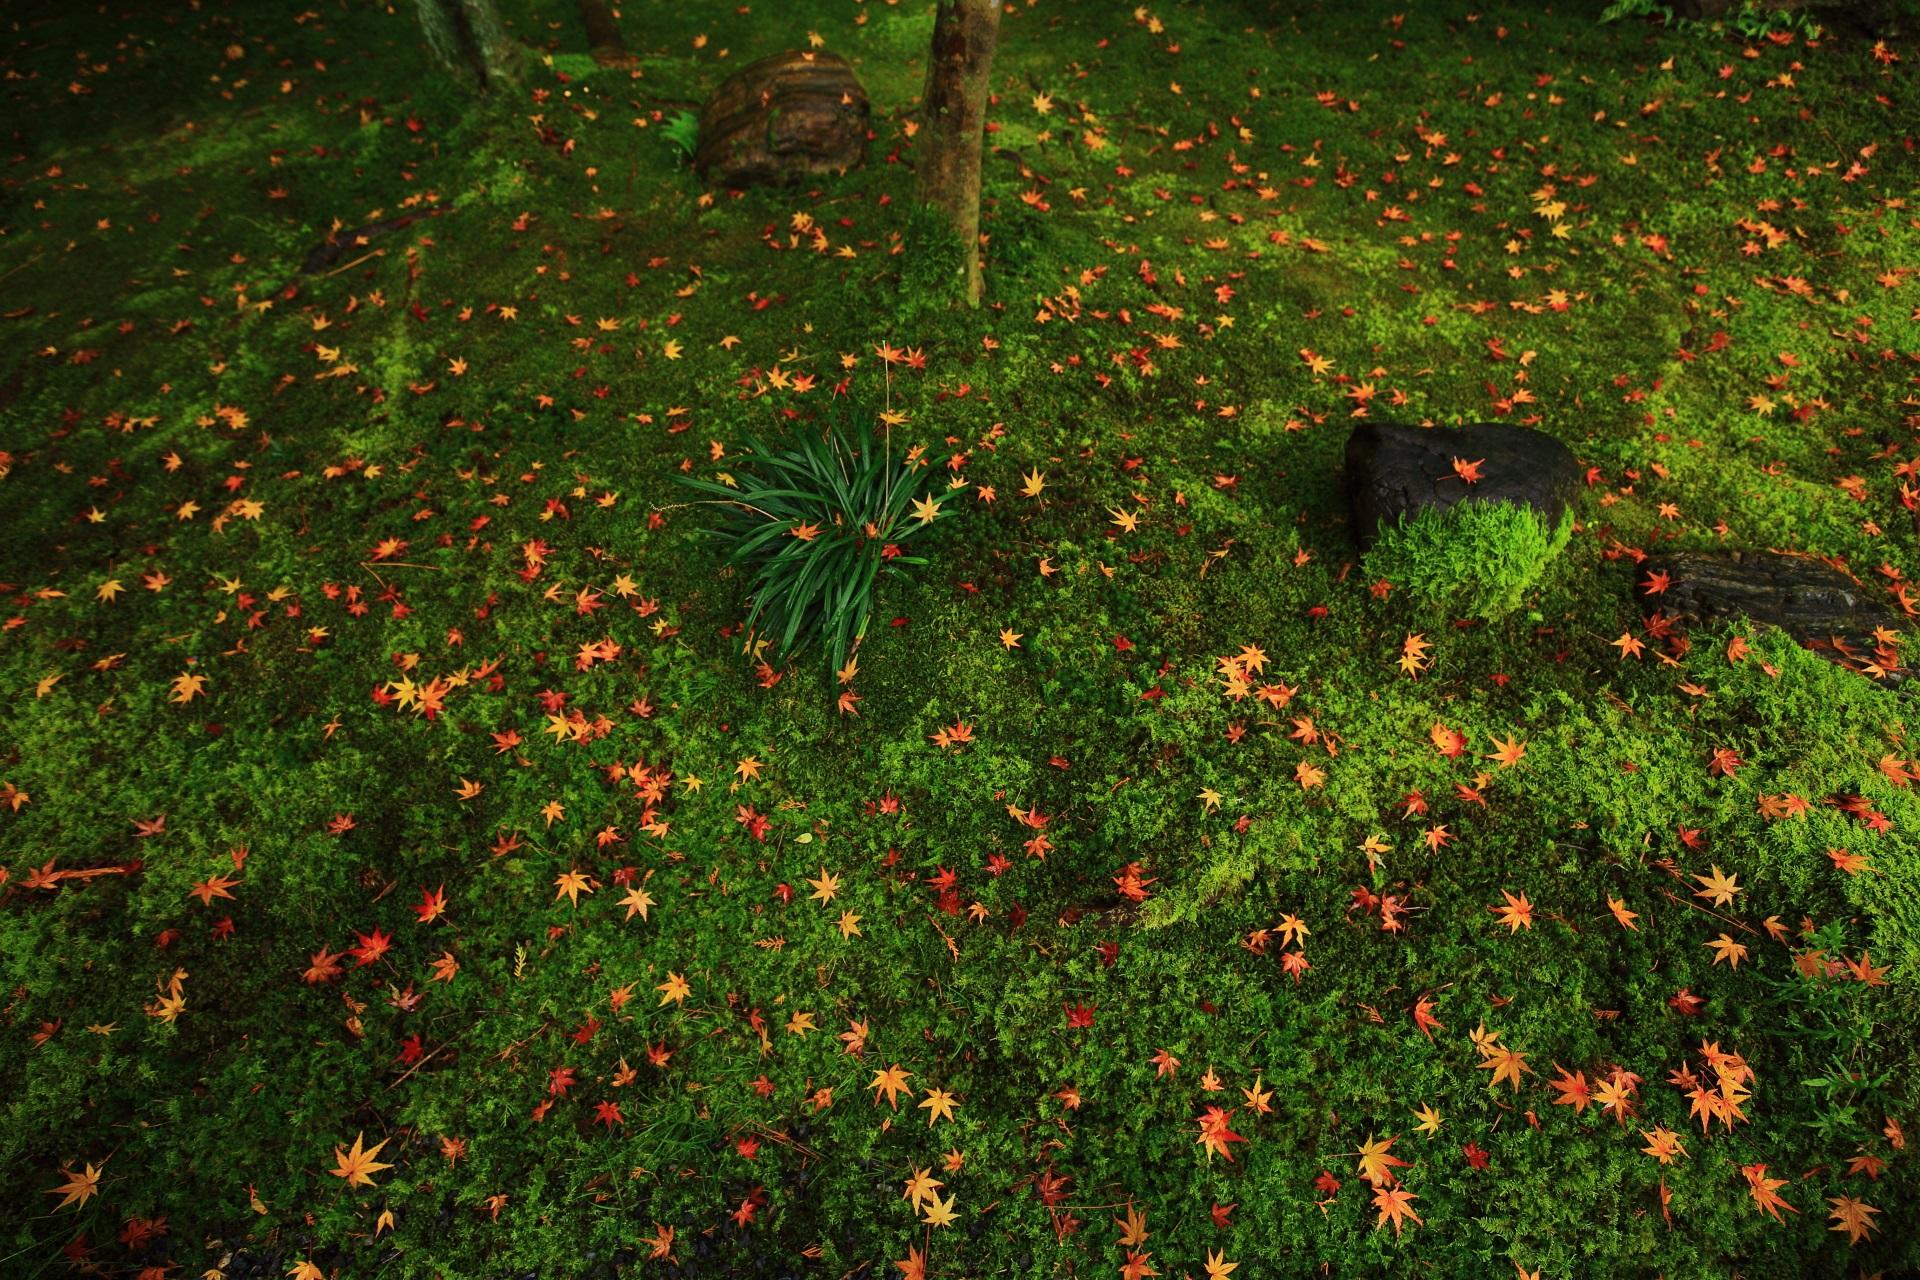 桂春院の苔や植物を賑やかに彩る煌びやかな散りもみじ